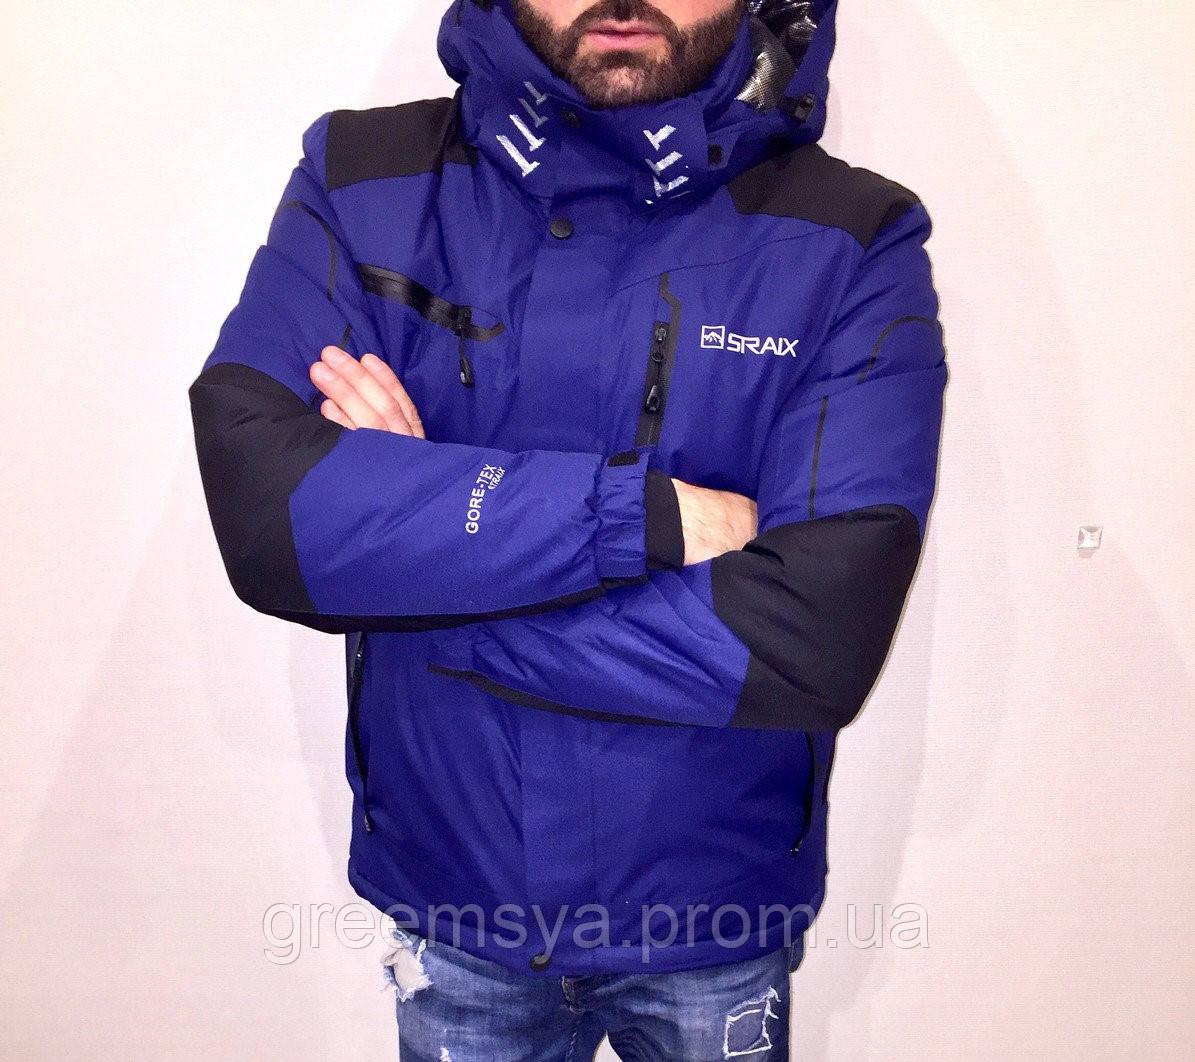 Куртка мужская лыжная термо зимняя 6e0ad16e63b01